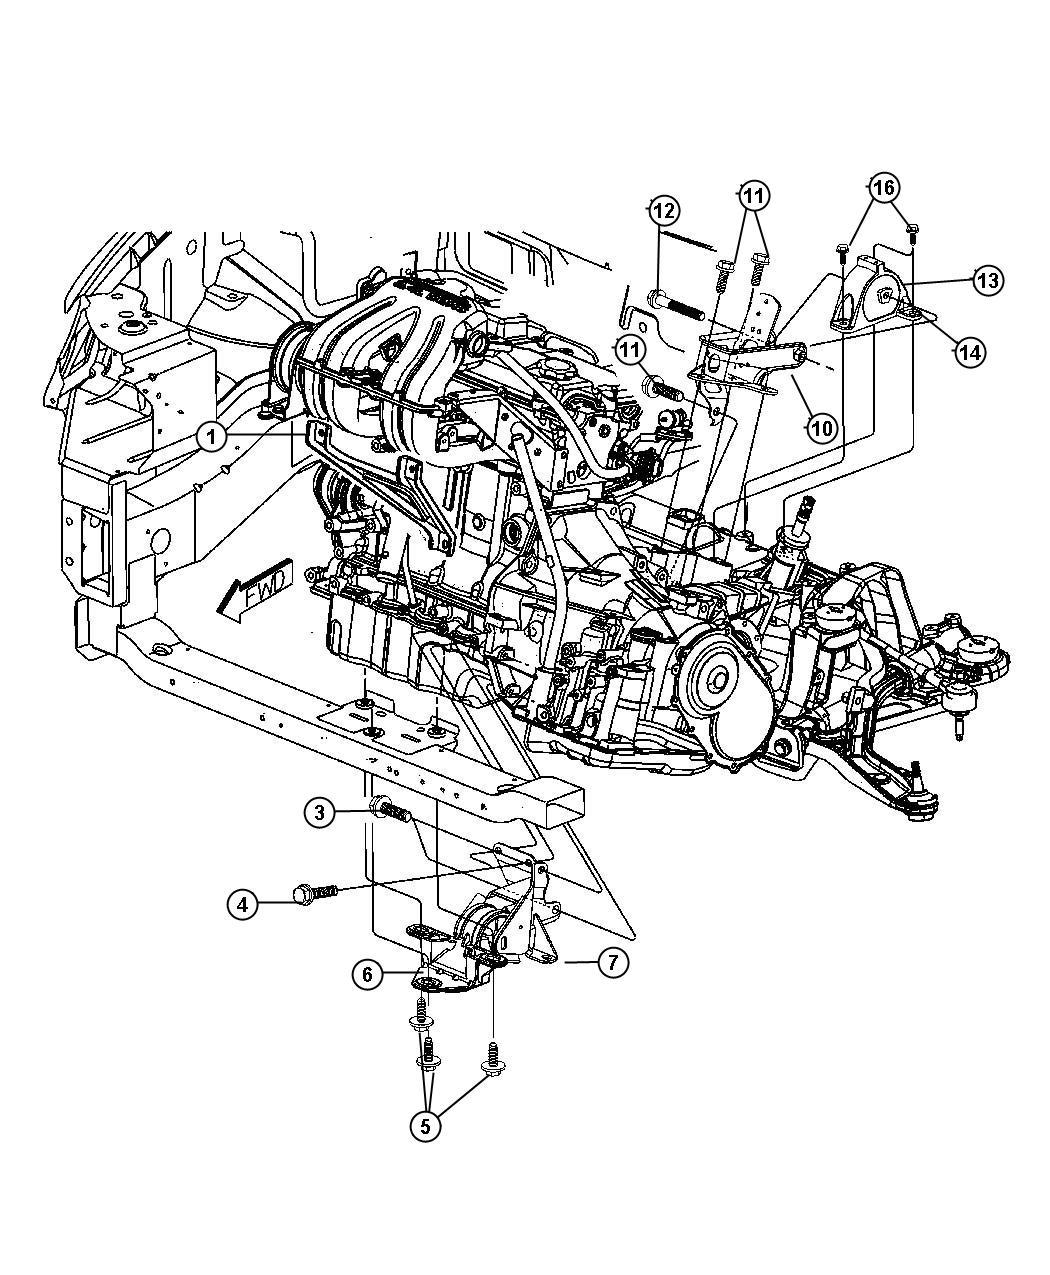 2011 Dodge Caliber Support. Engine mount. Transmission to